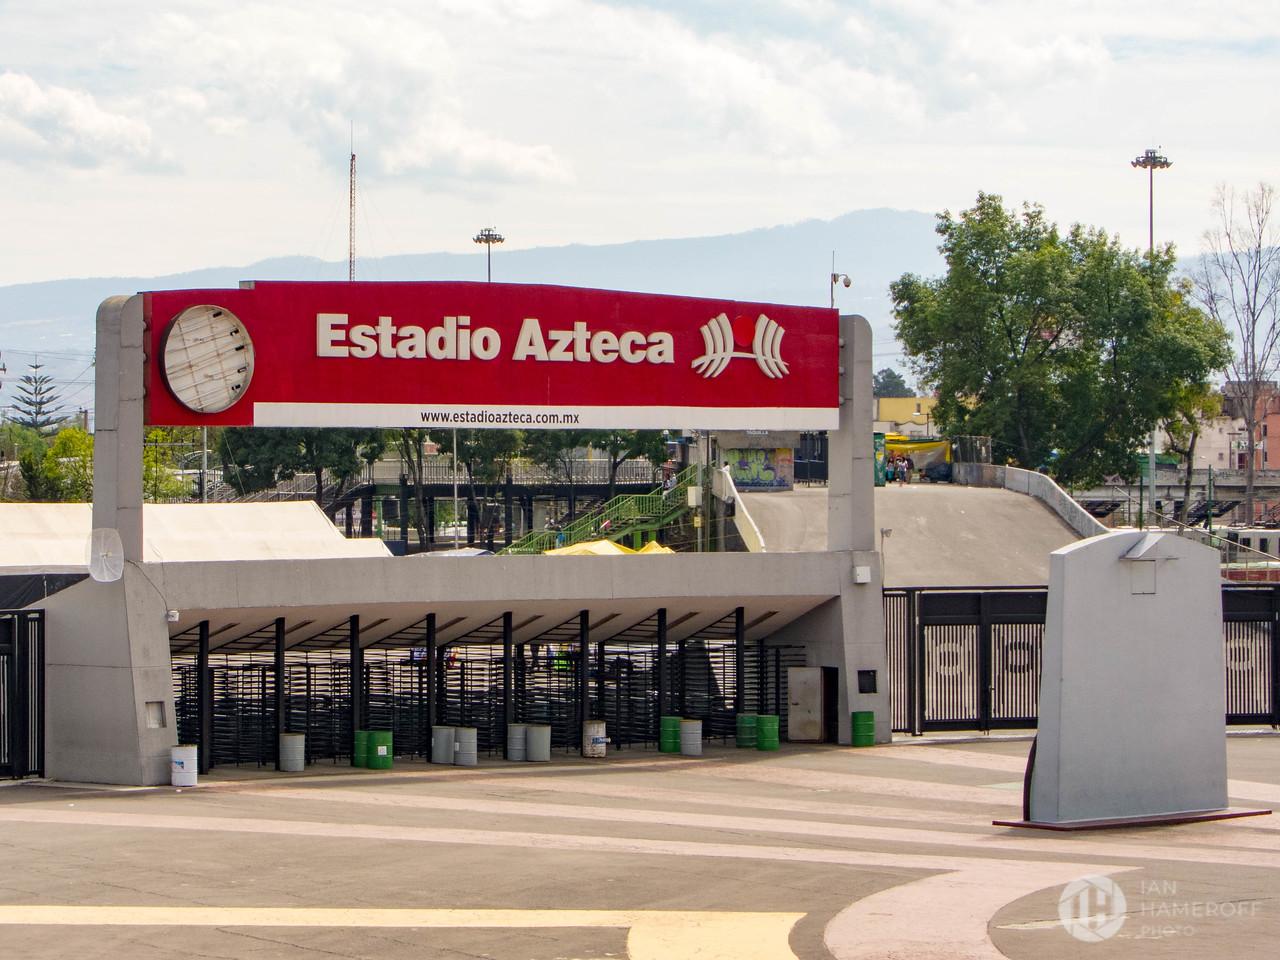 Gates of Estadio Azteca